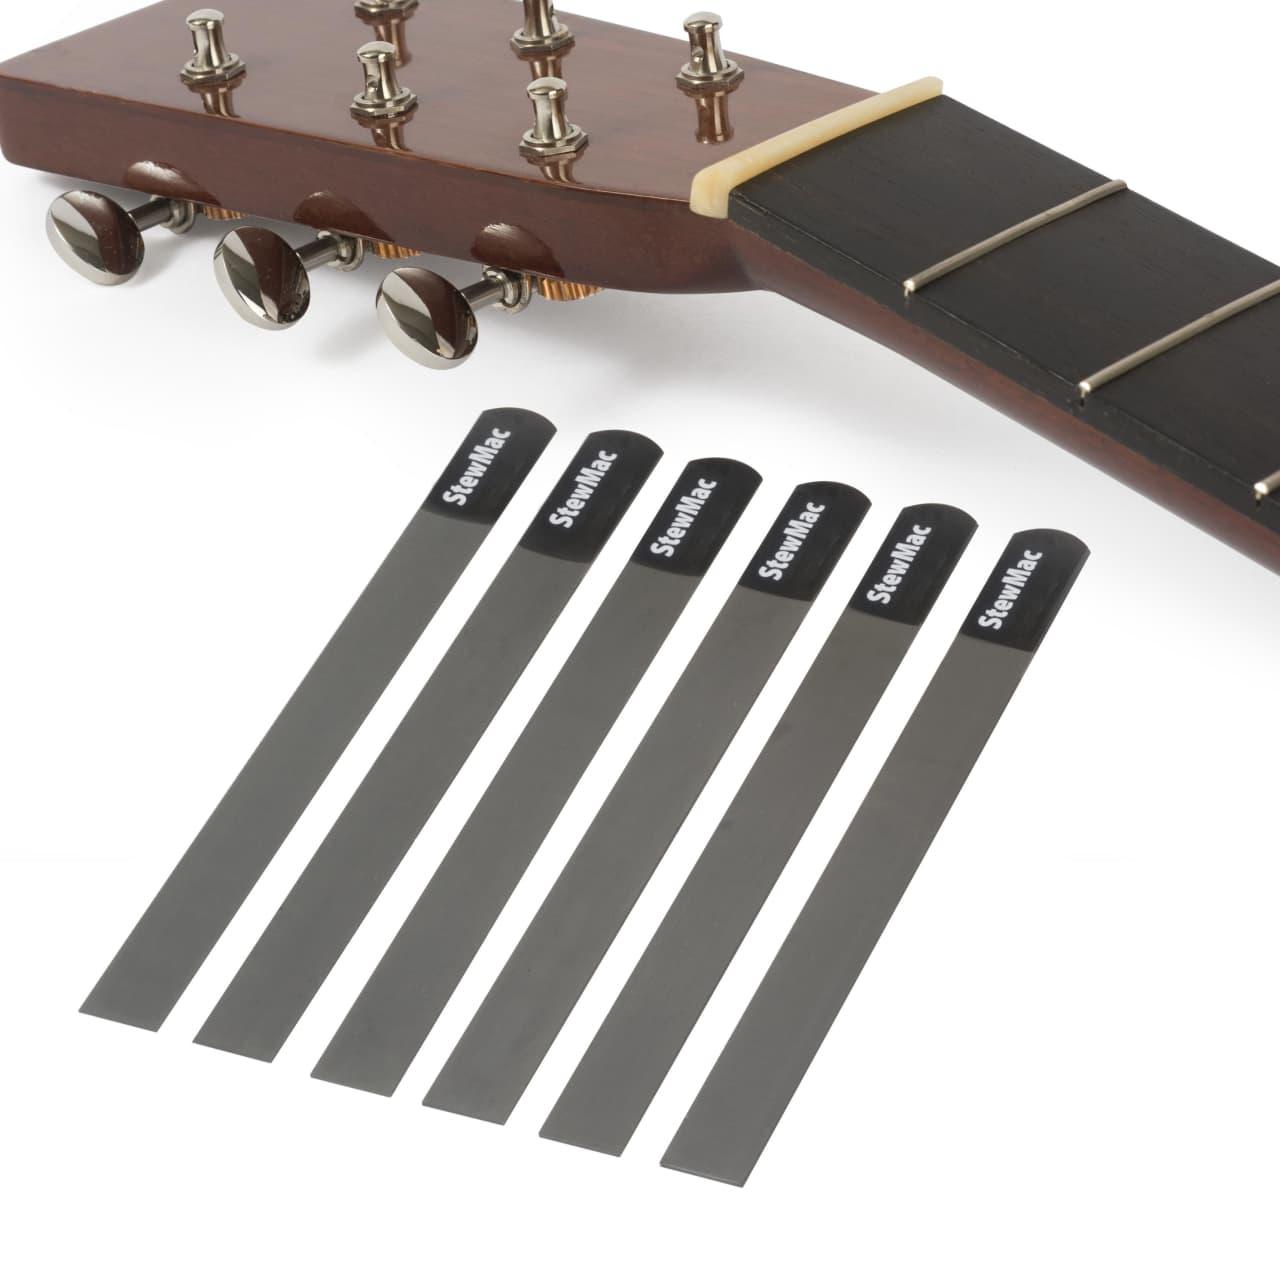 stewmac gauged nut slotting file set for acoustic guitar for reverb. Black Bedroom Furniture Sets. Home Design Ideas